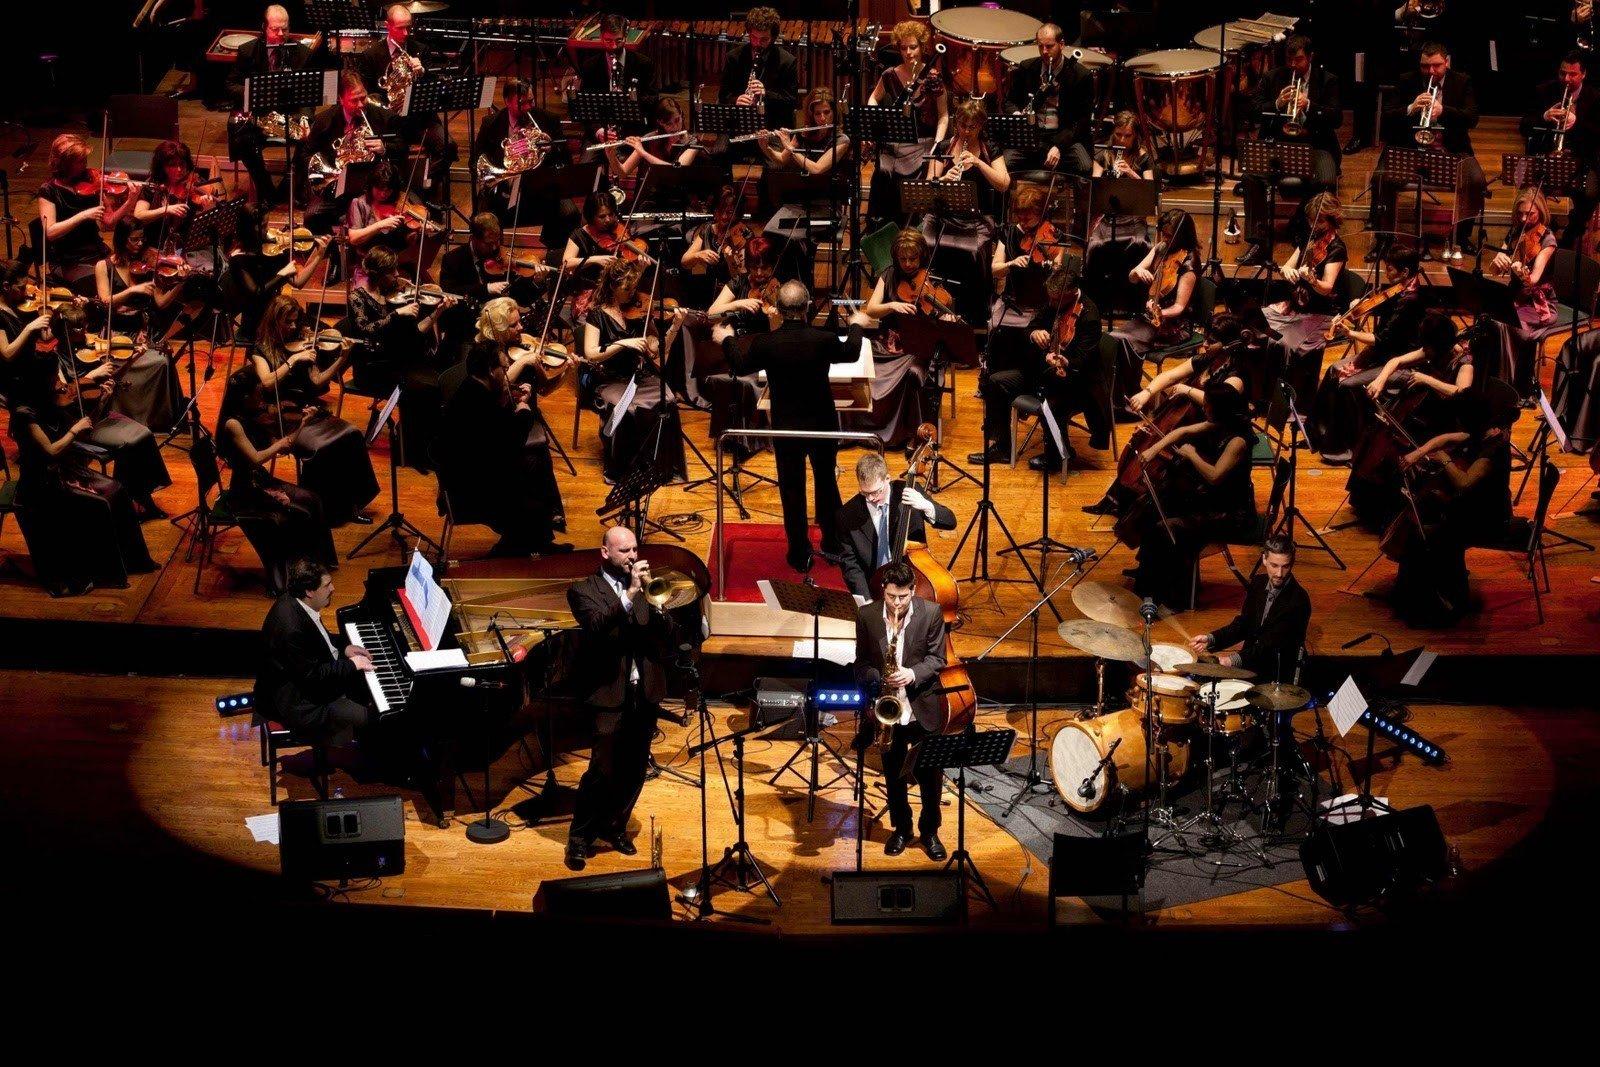 Mozgalmas évad előtt a Pannon Filharmonikusok